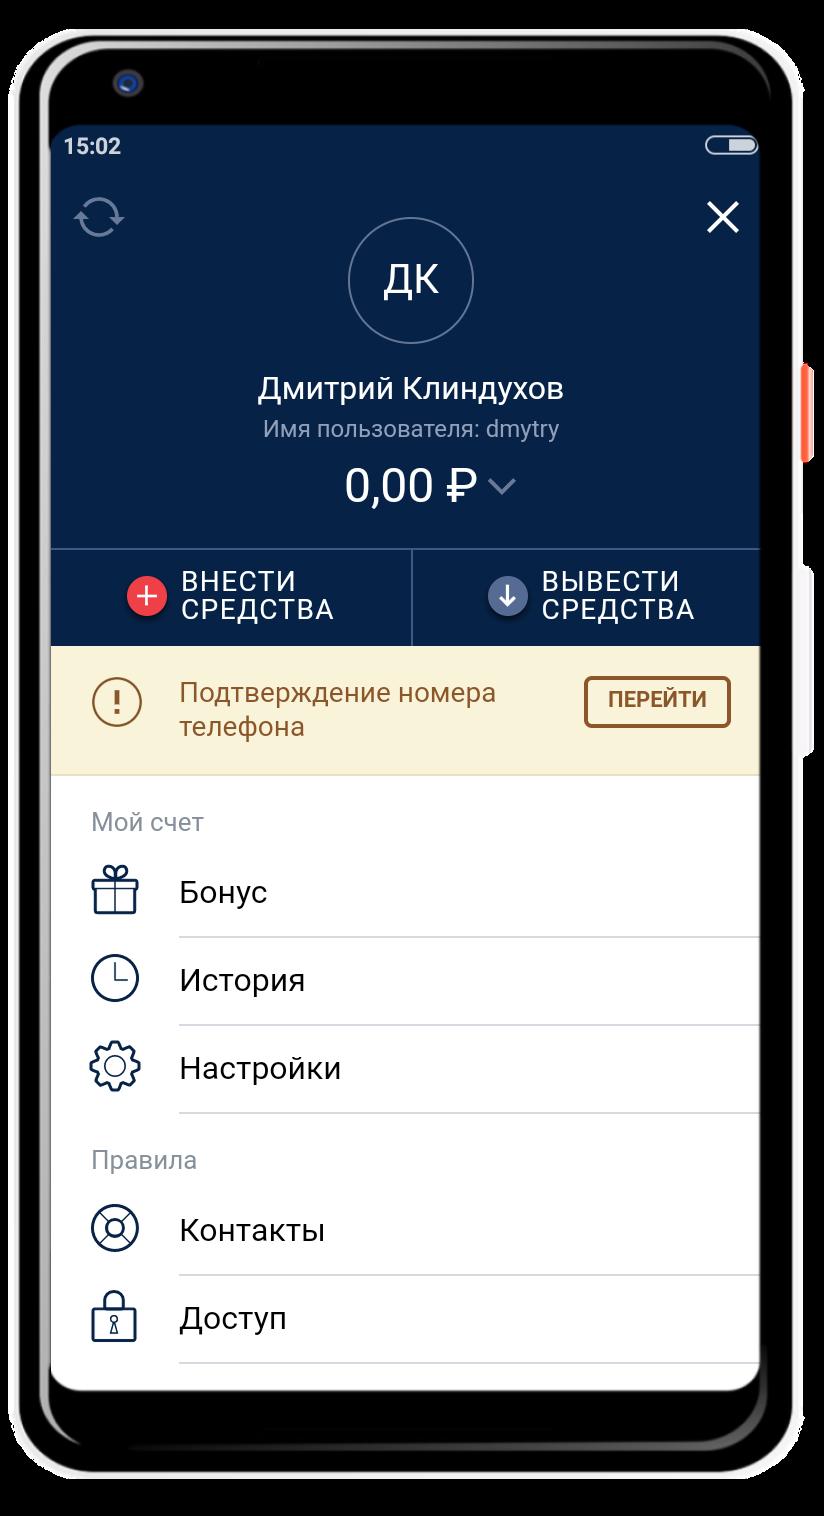 андроид пополнение марафонбет